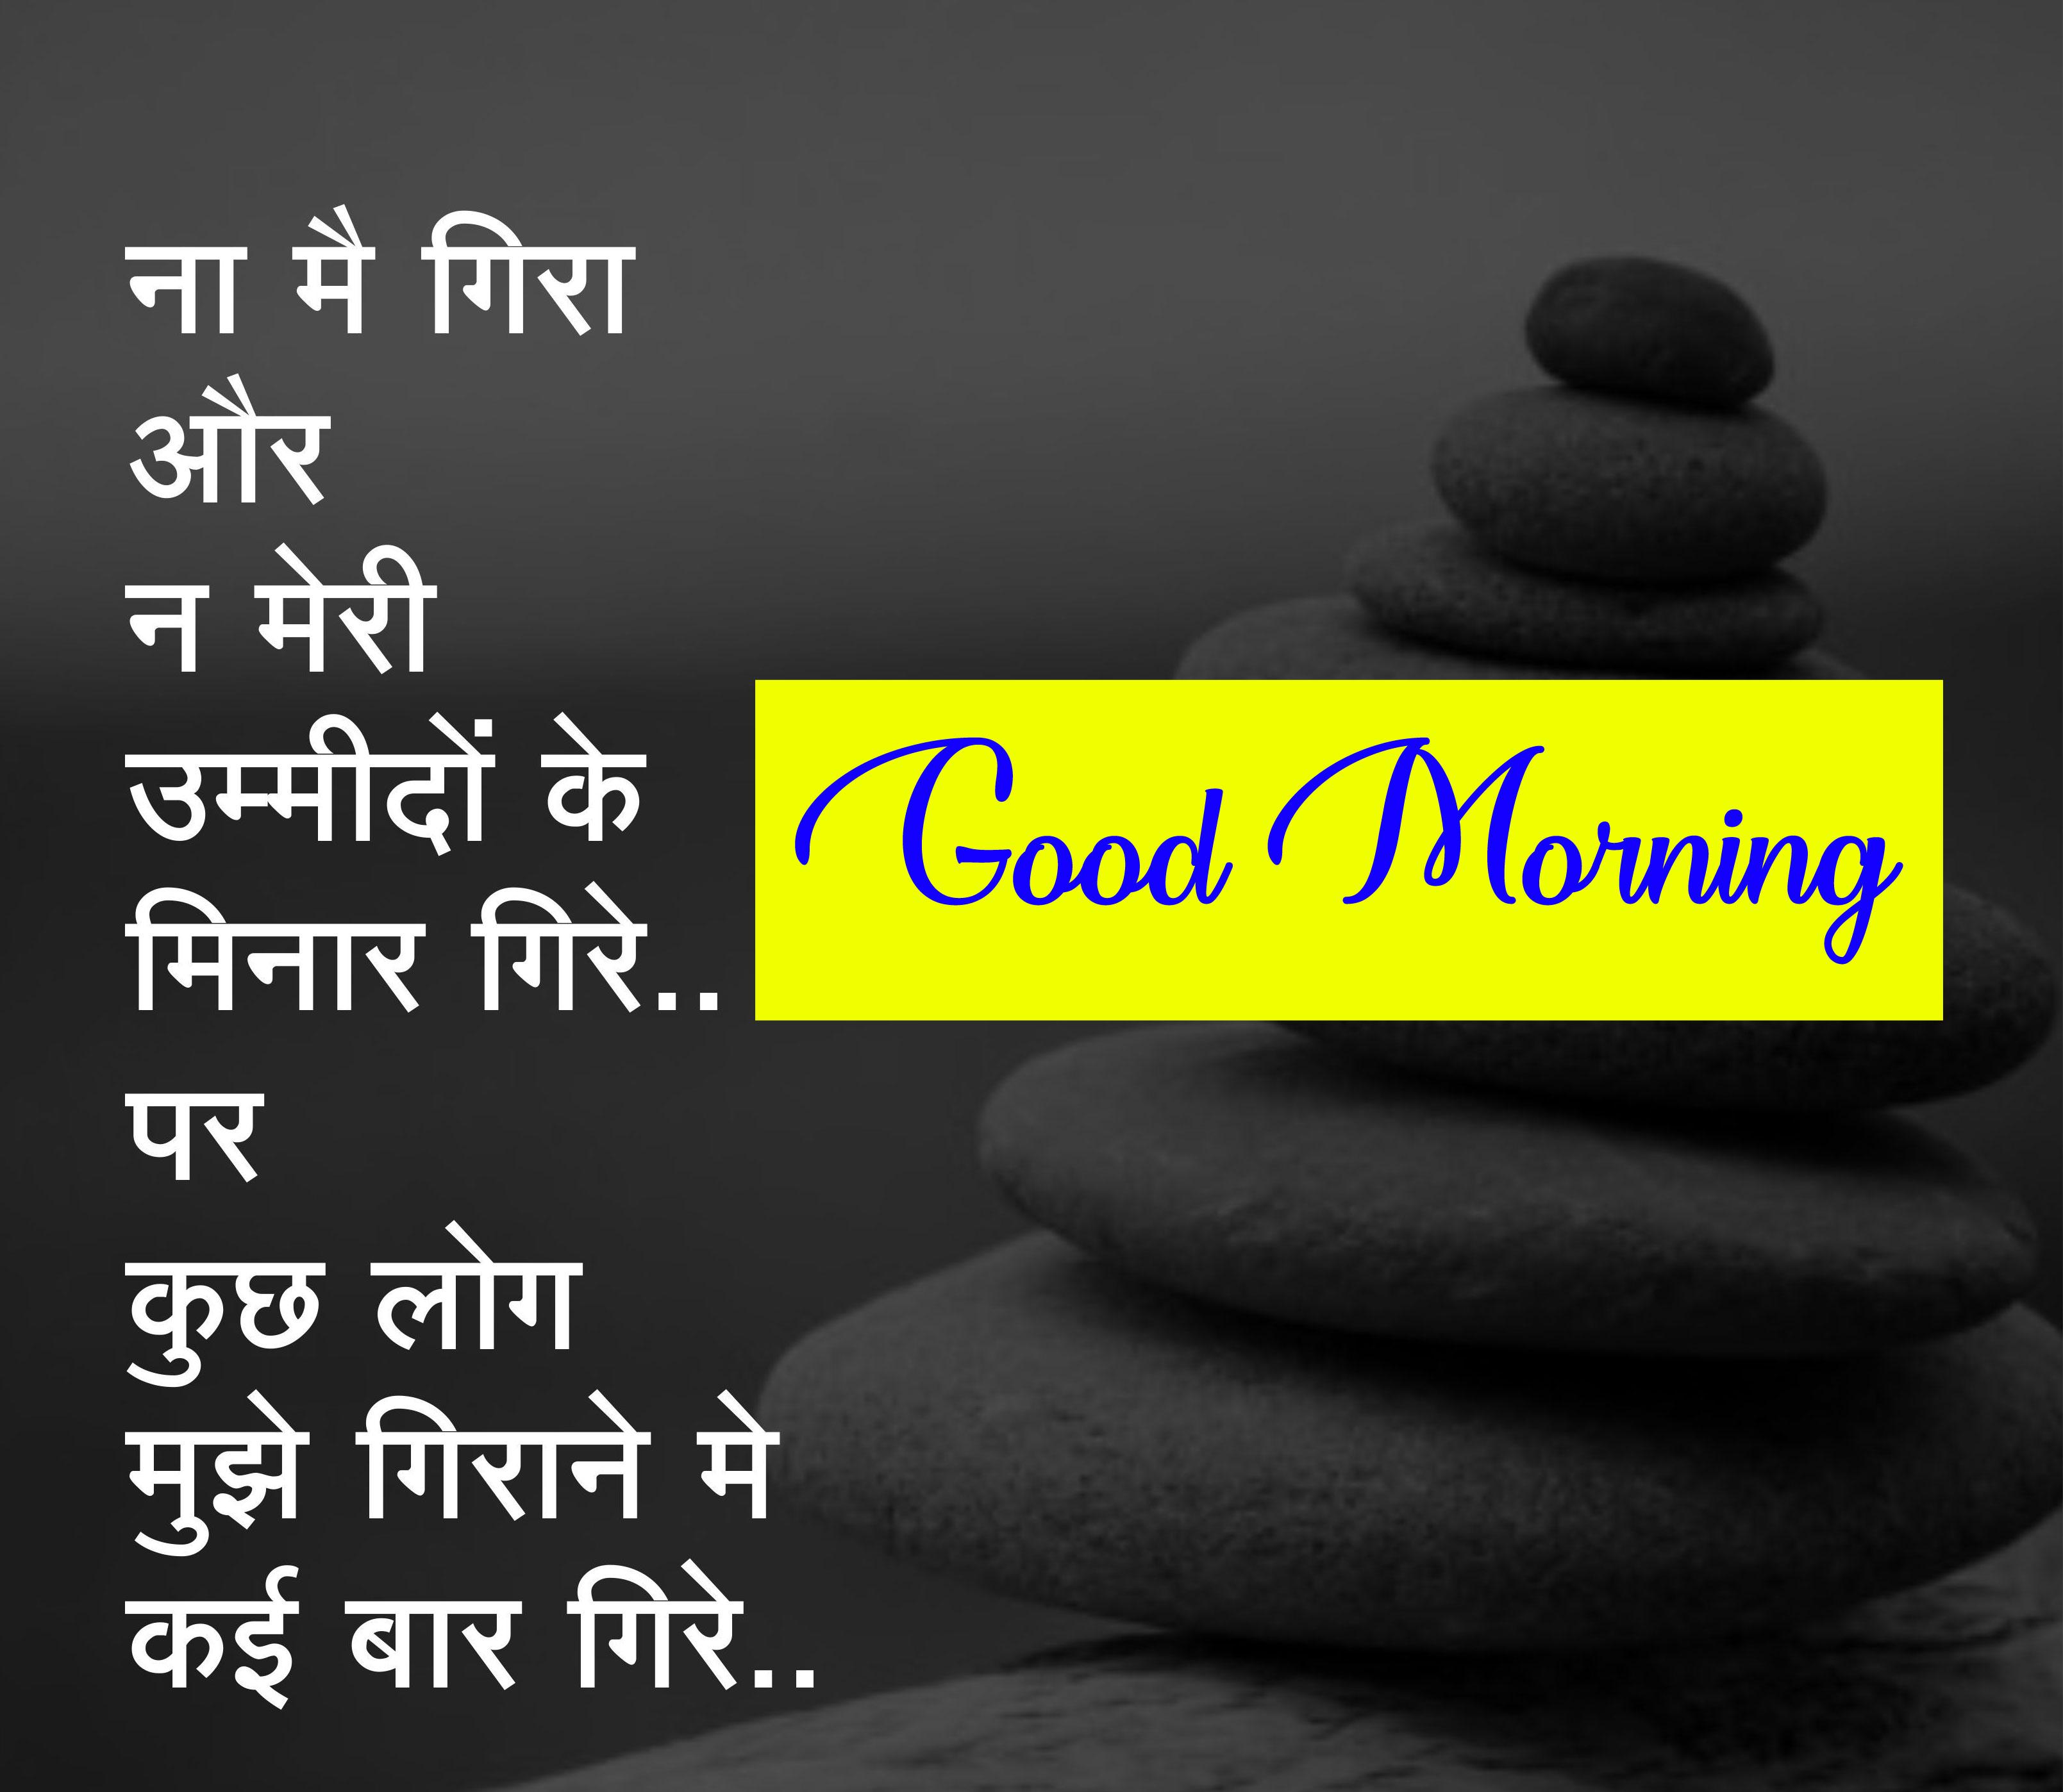 Free 1080p Shayari good Morning Images Photo Download